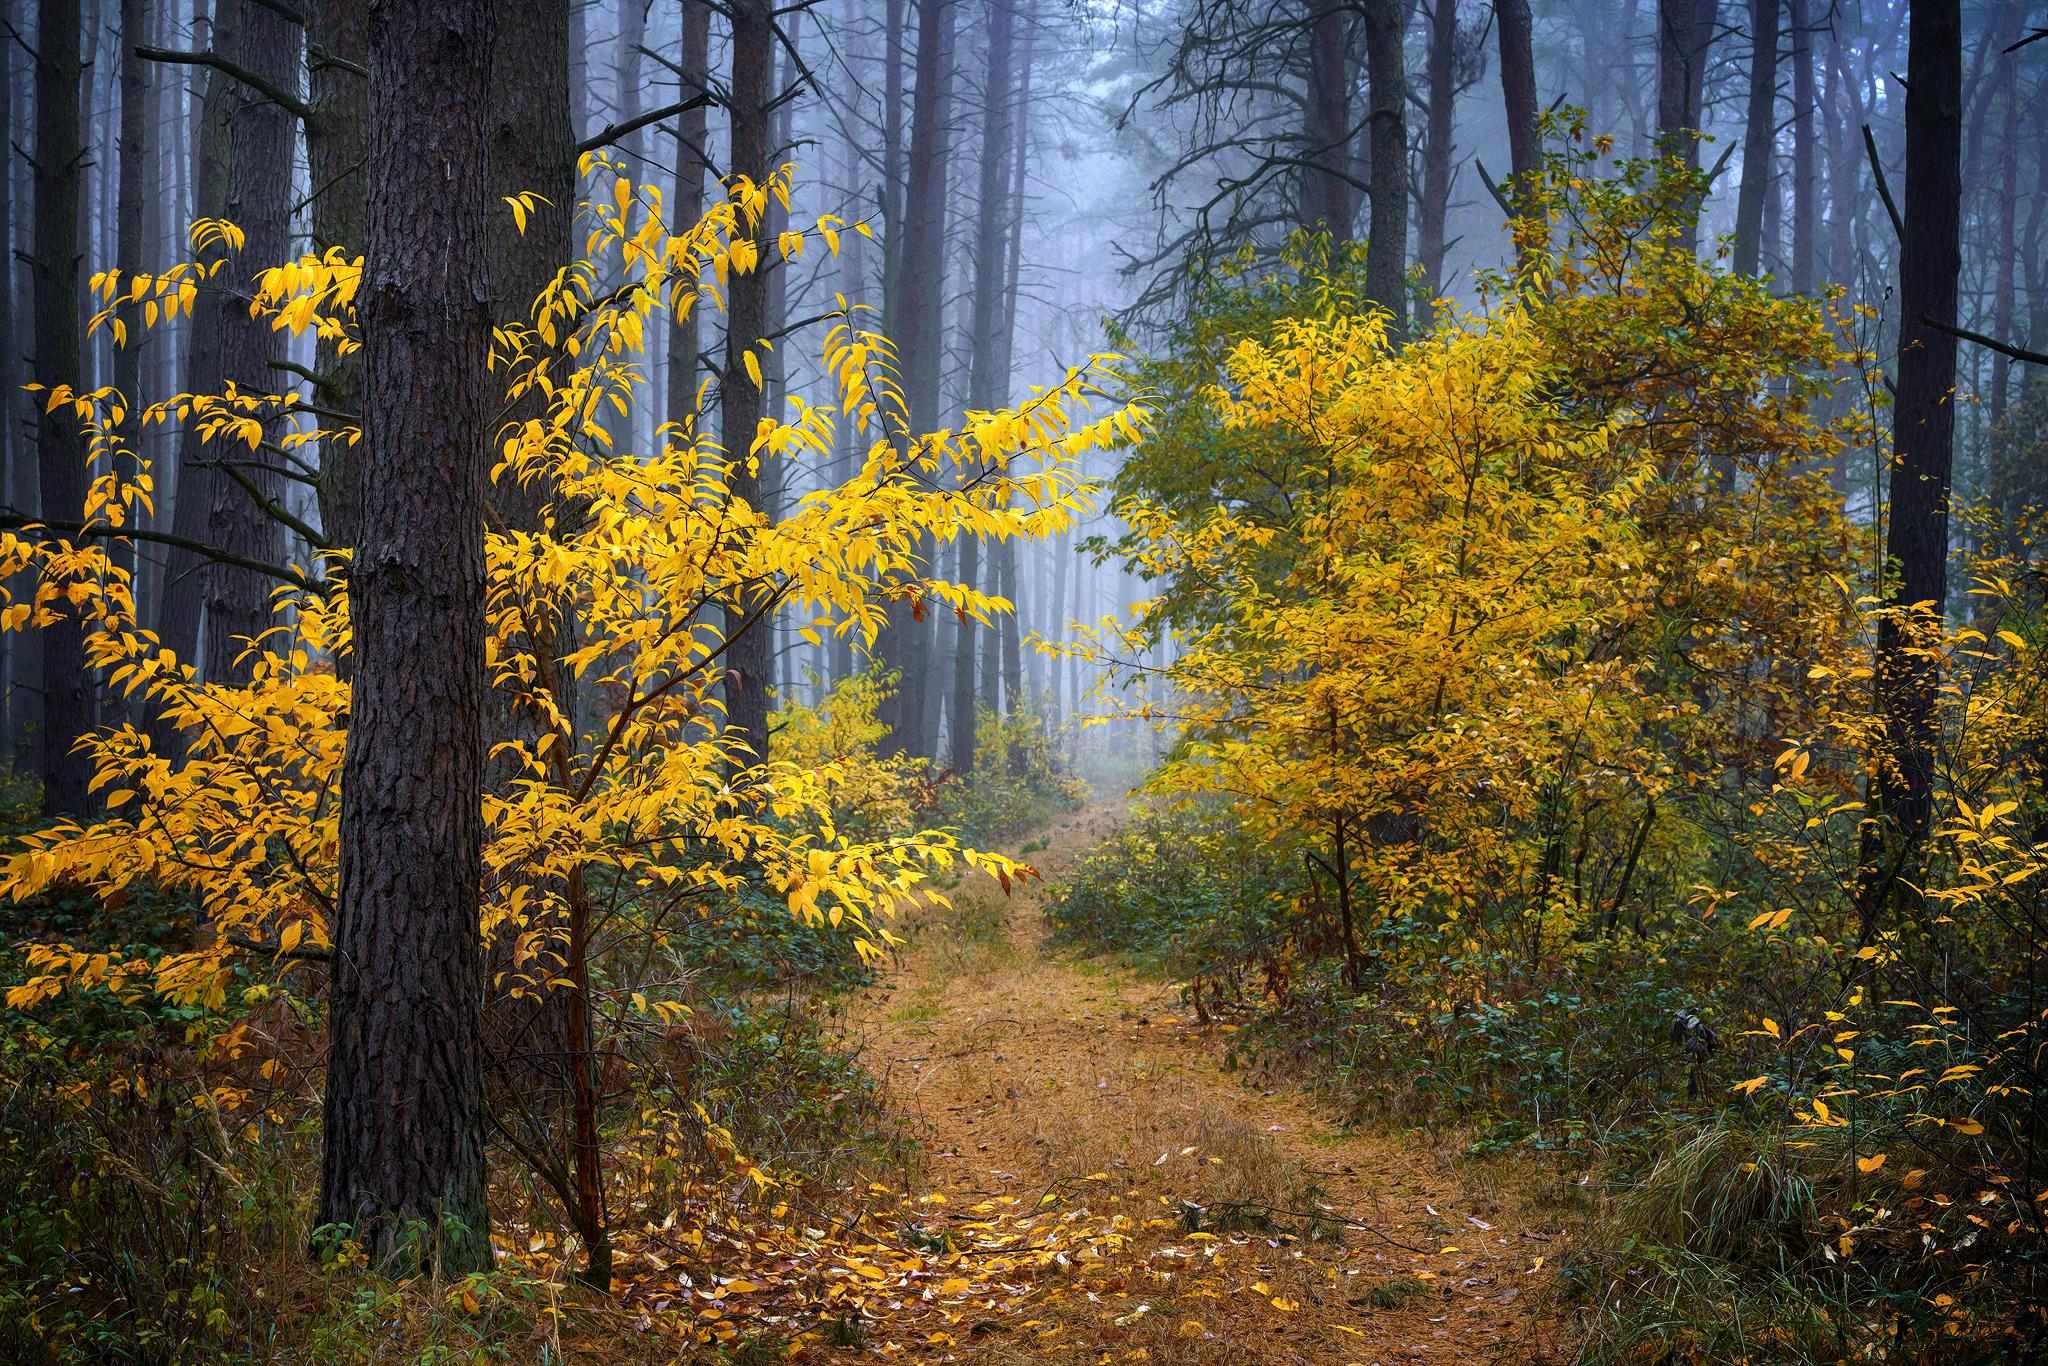 Осенняя прогулка по лесу. Radoslaw Dranikowski